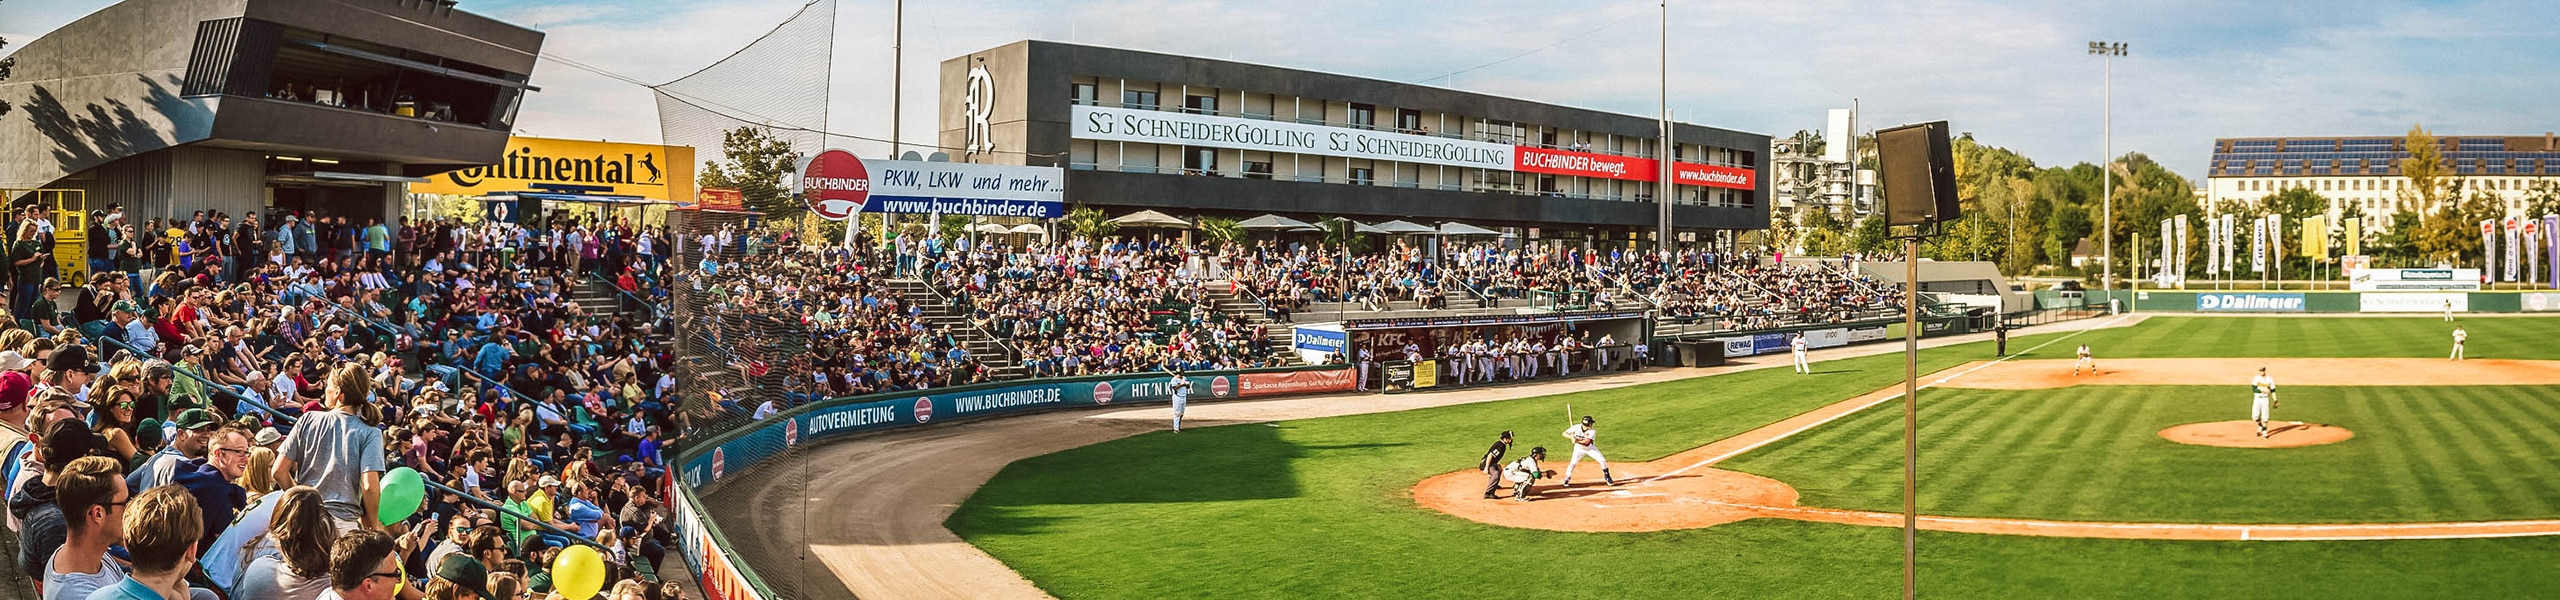 baseball_legionaere_stadion_internat_zuschauer